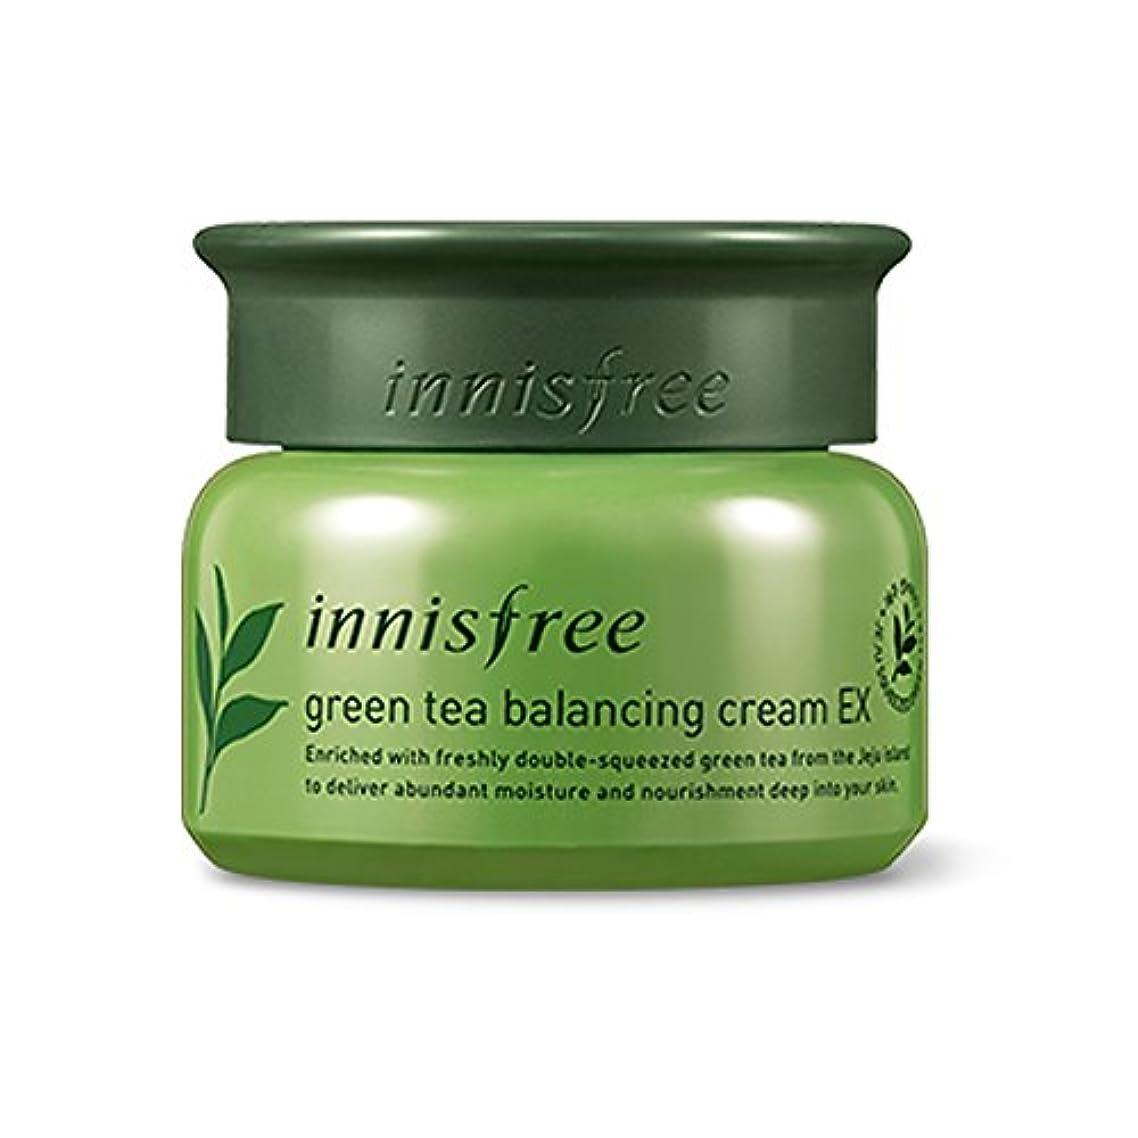 マトン矛盾する辞書イニスフリーグリーンティーバランスクリーム50ml「2018新製品」 Innisfree Green Tea Balancing Cream 50ml